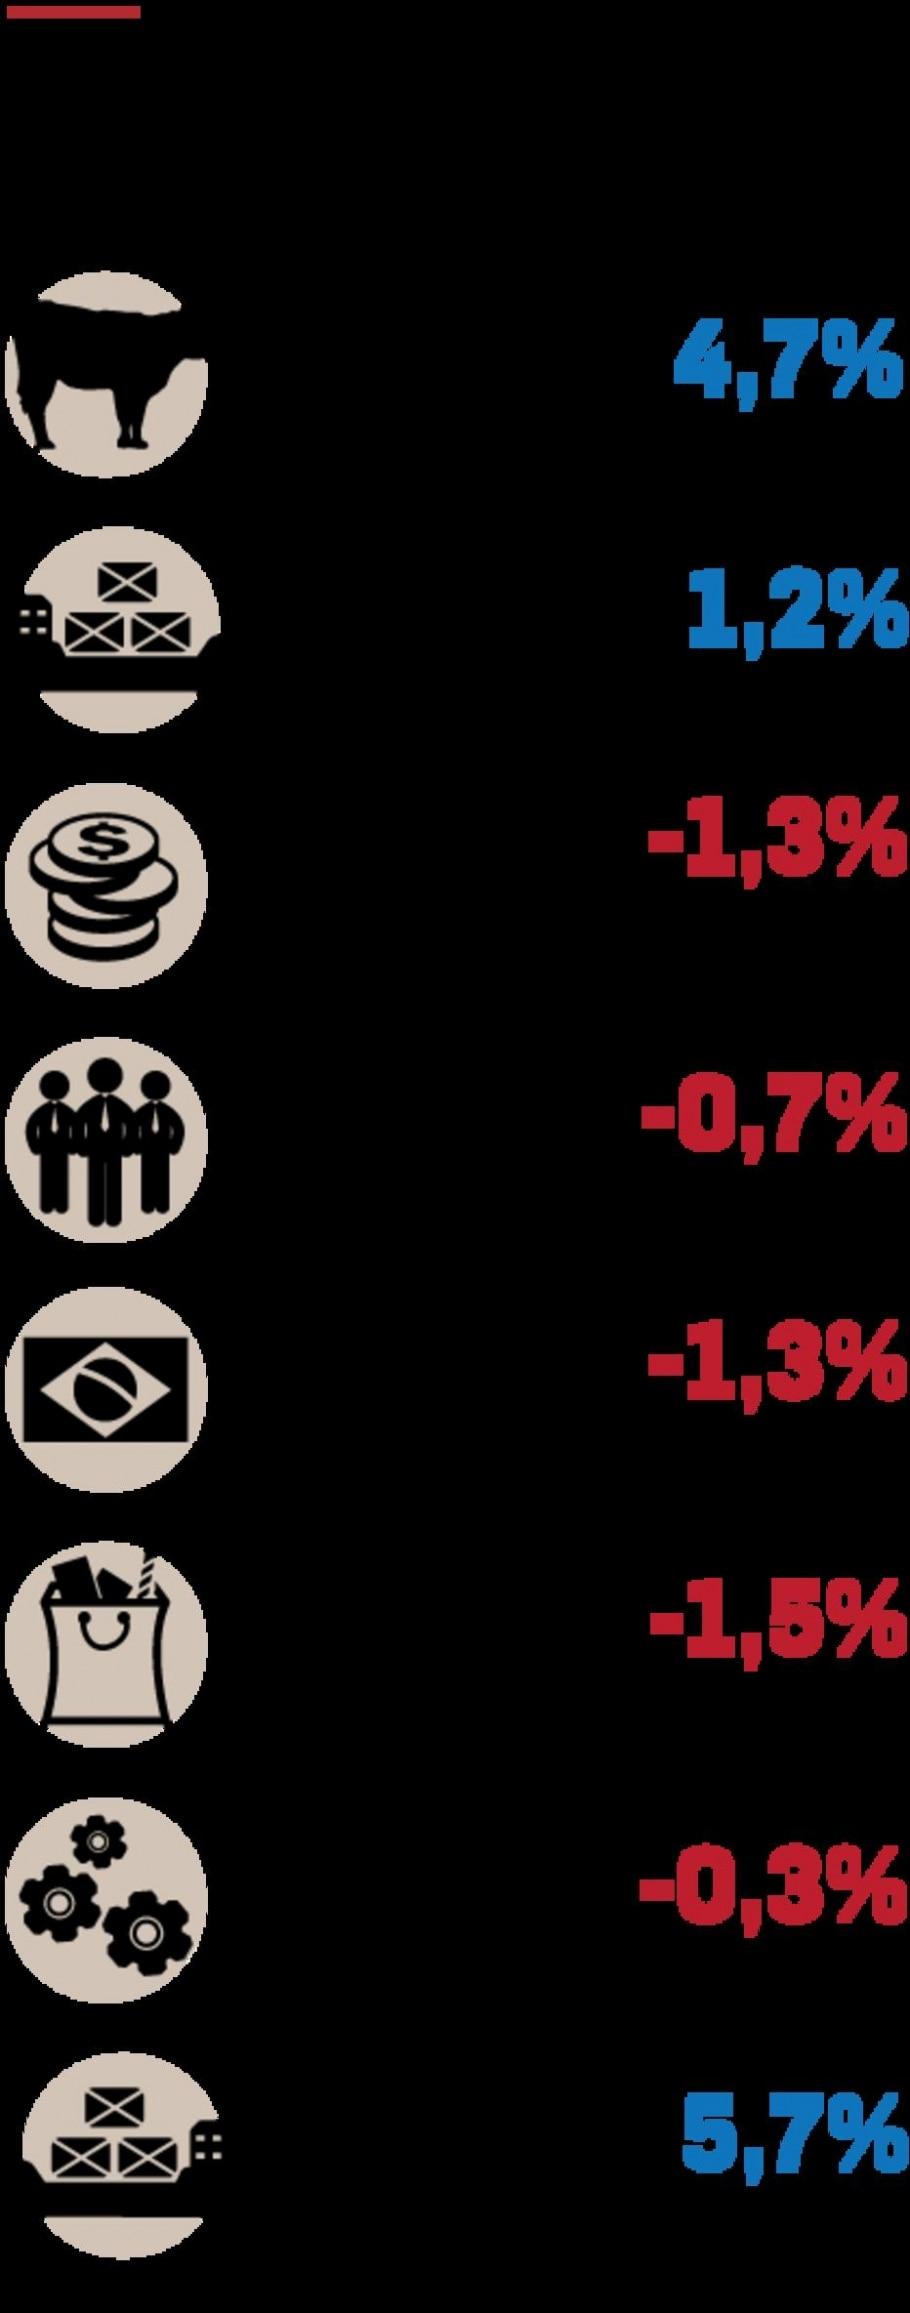 Agricultura ajuda PIB e economia cai 0,2% no 1º trimestre - Infográficos/Estadão